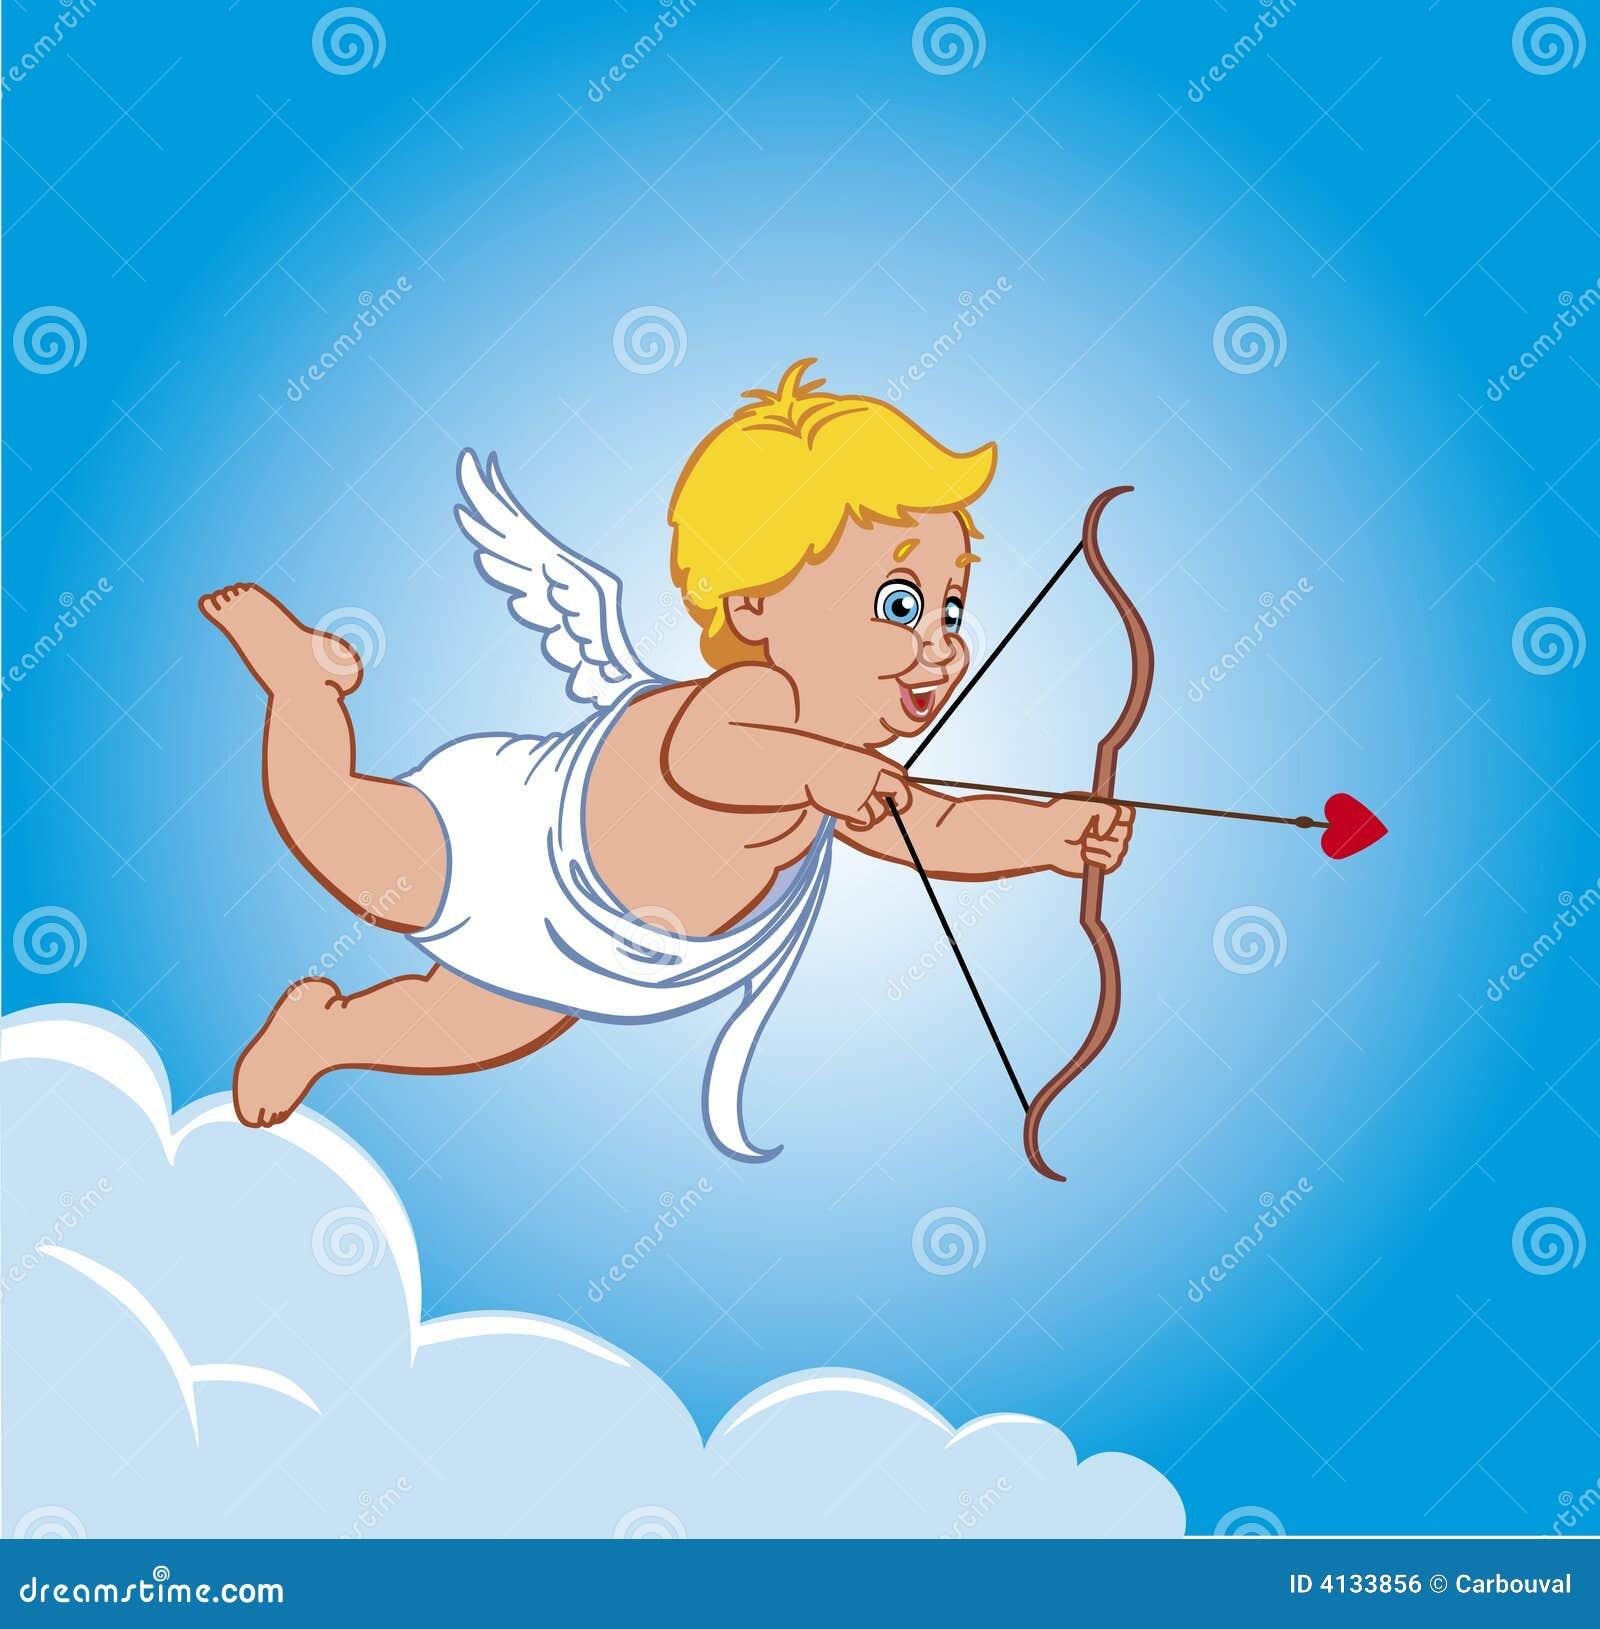 Cupidon sur un nuage image libre de droits image 4133856 - Image de cupidon gratuite ...